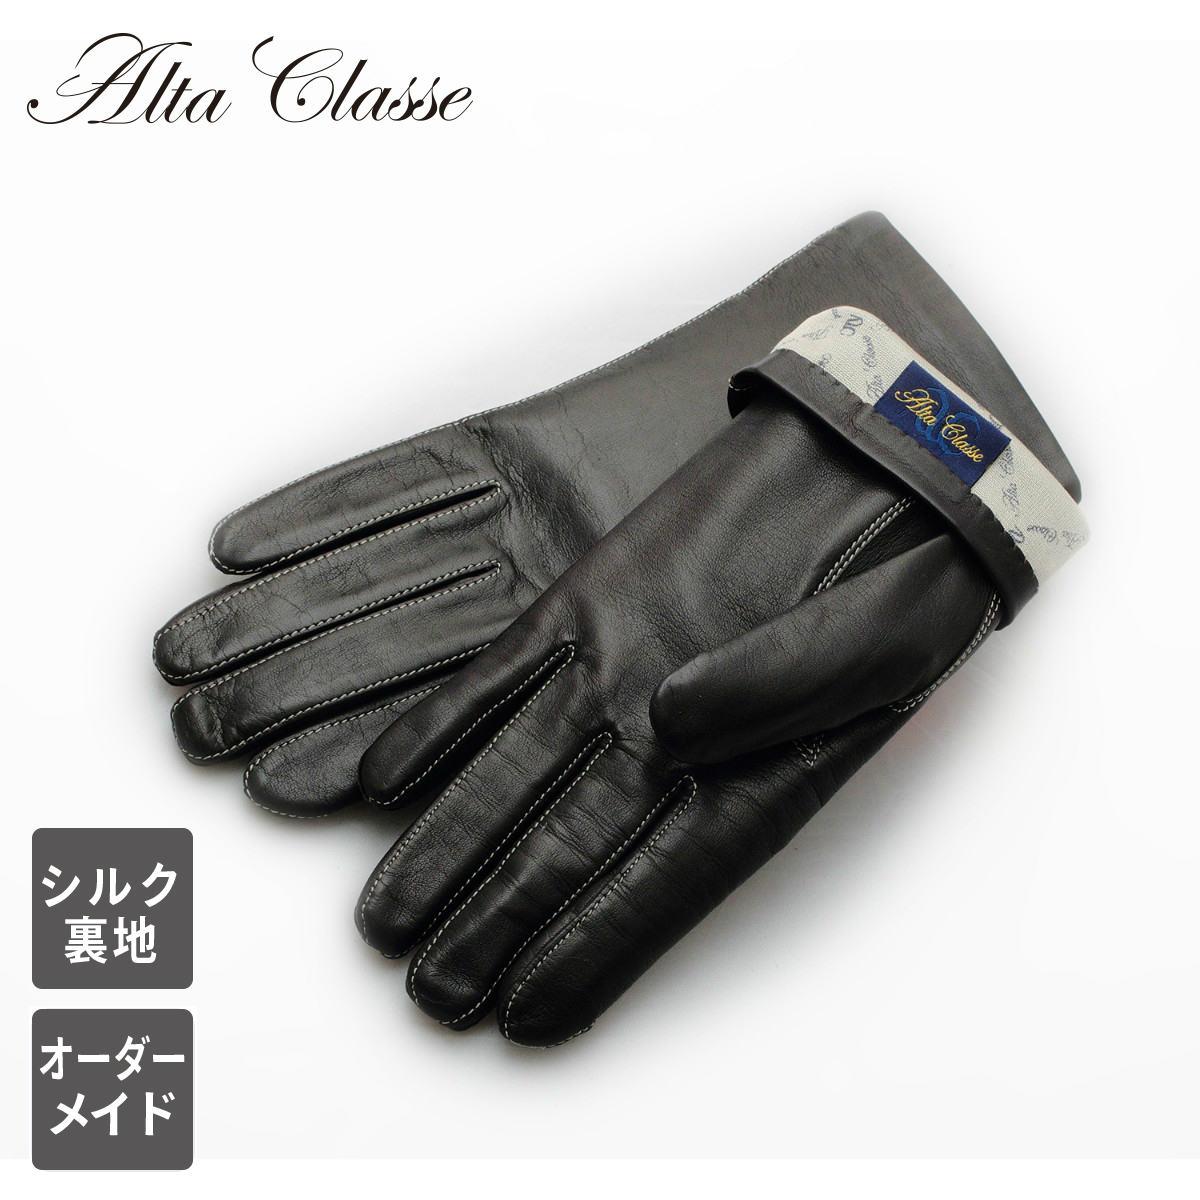 セミオーダー 革手袋 アルタクラッセ カプリガンティ メンズ スタンダードシープレザー シルク裏地手袋 保存袋付き 専用箱入り